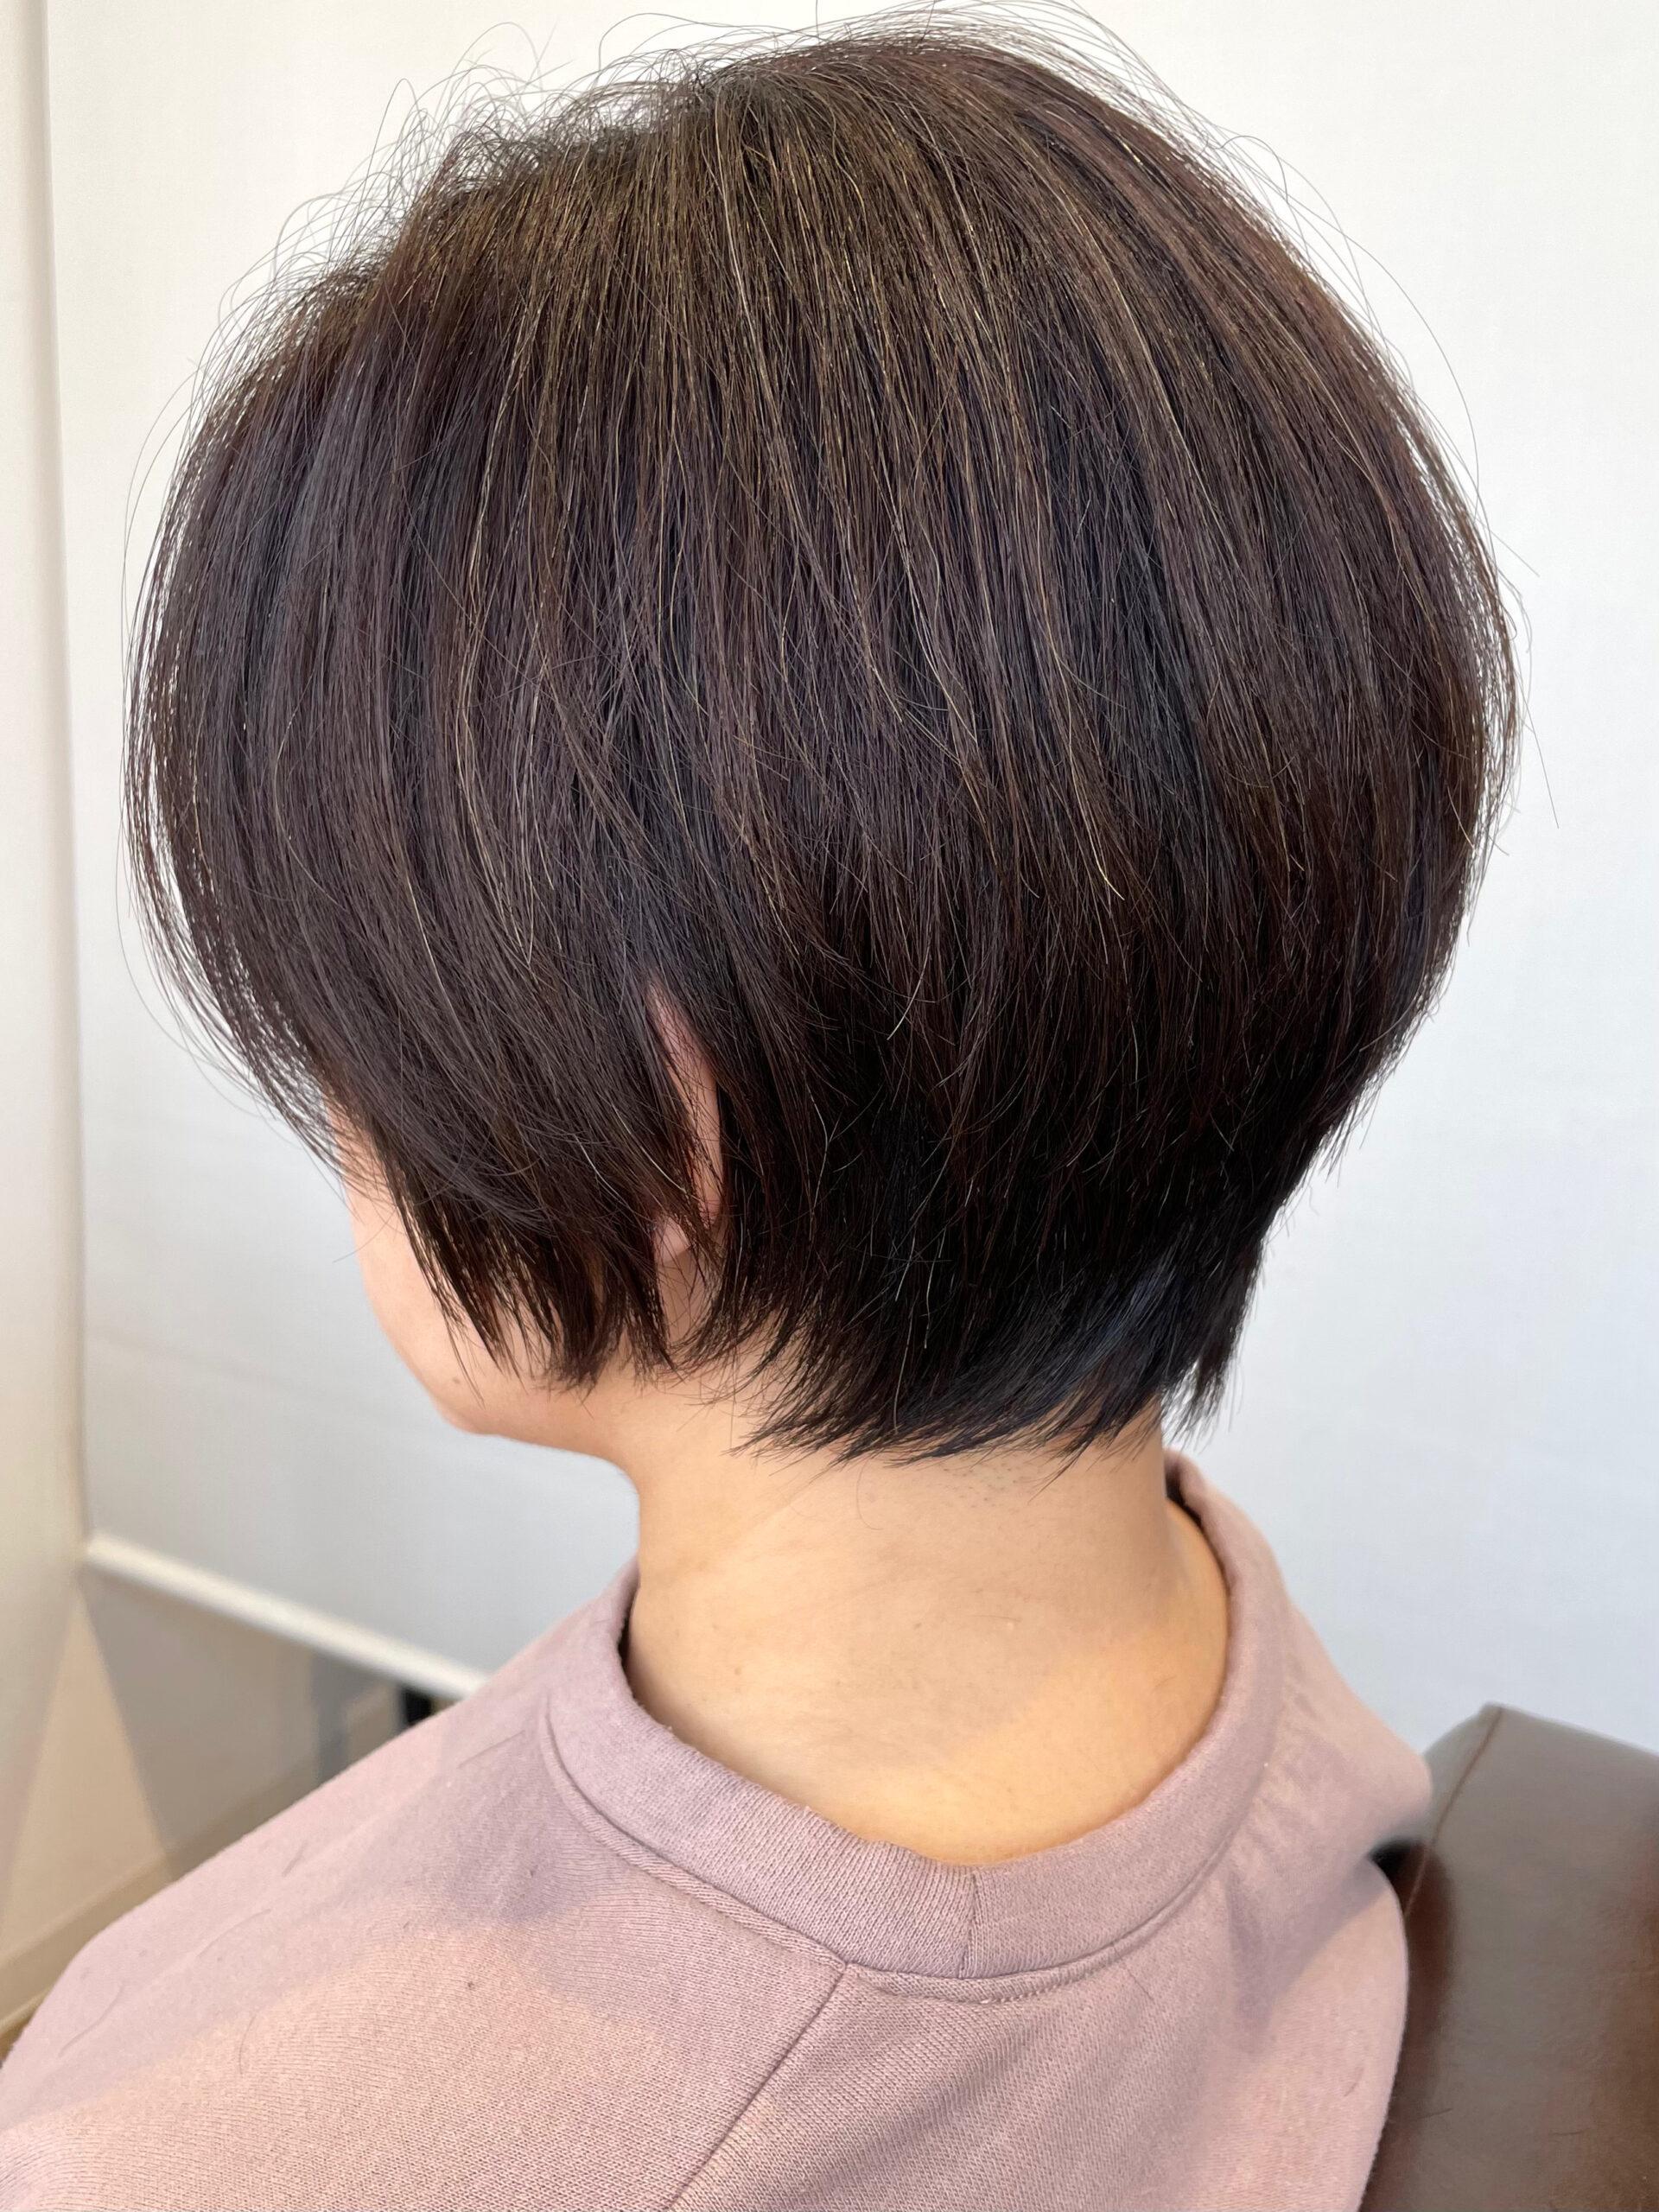 大分県別府市 くせ毛でボリュームが出る髪の毛も質感調整でボリュームダウンのショートカット アフター